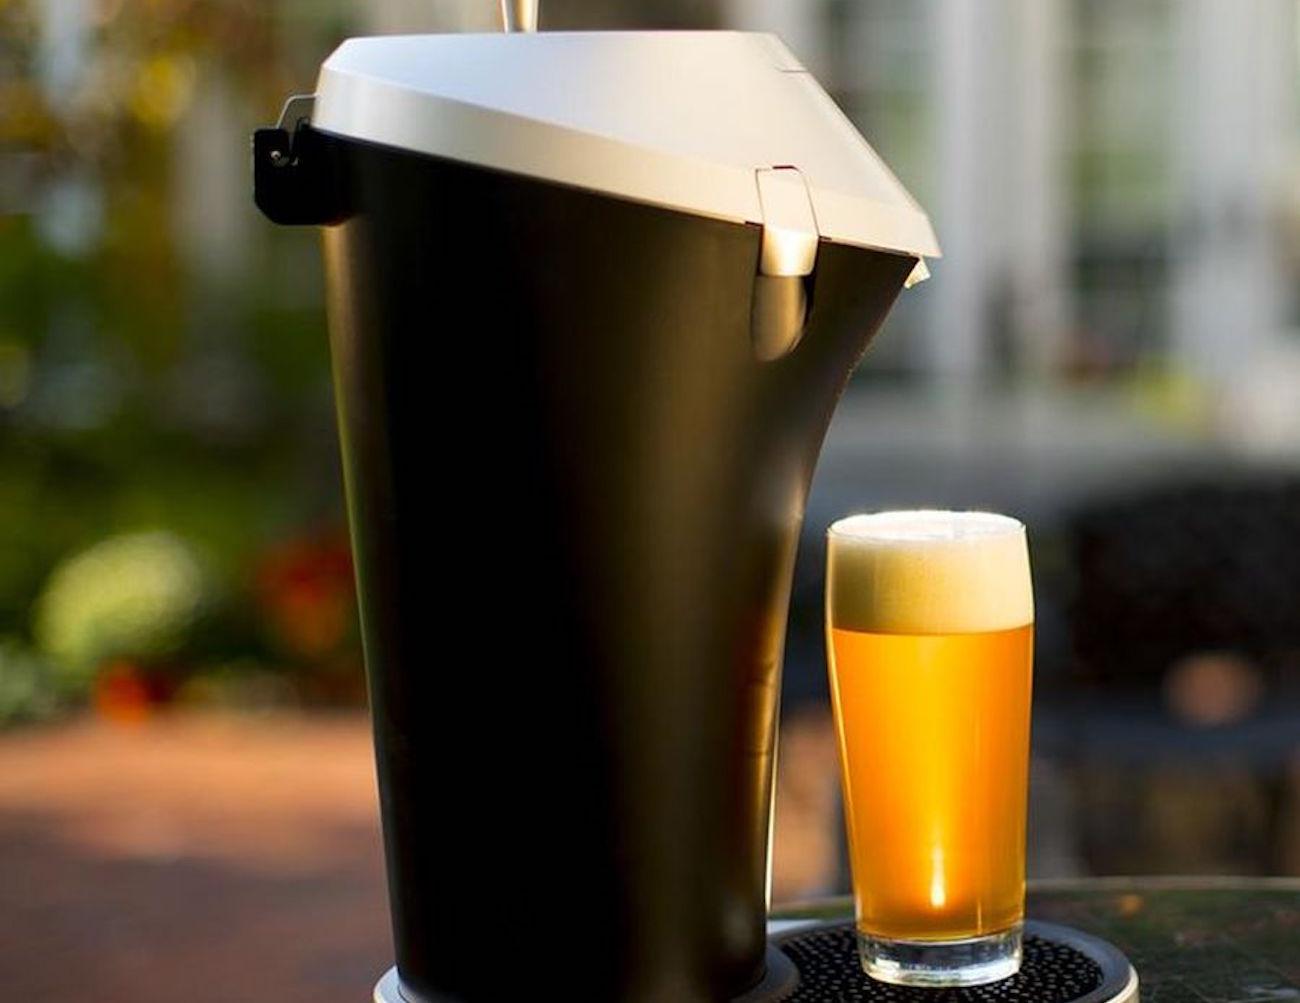 FIZZICS BEER SYSTEM